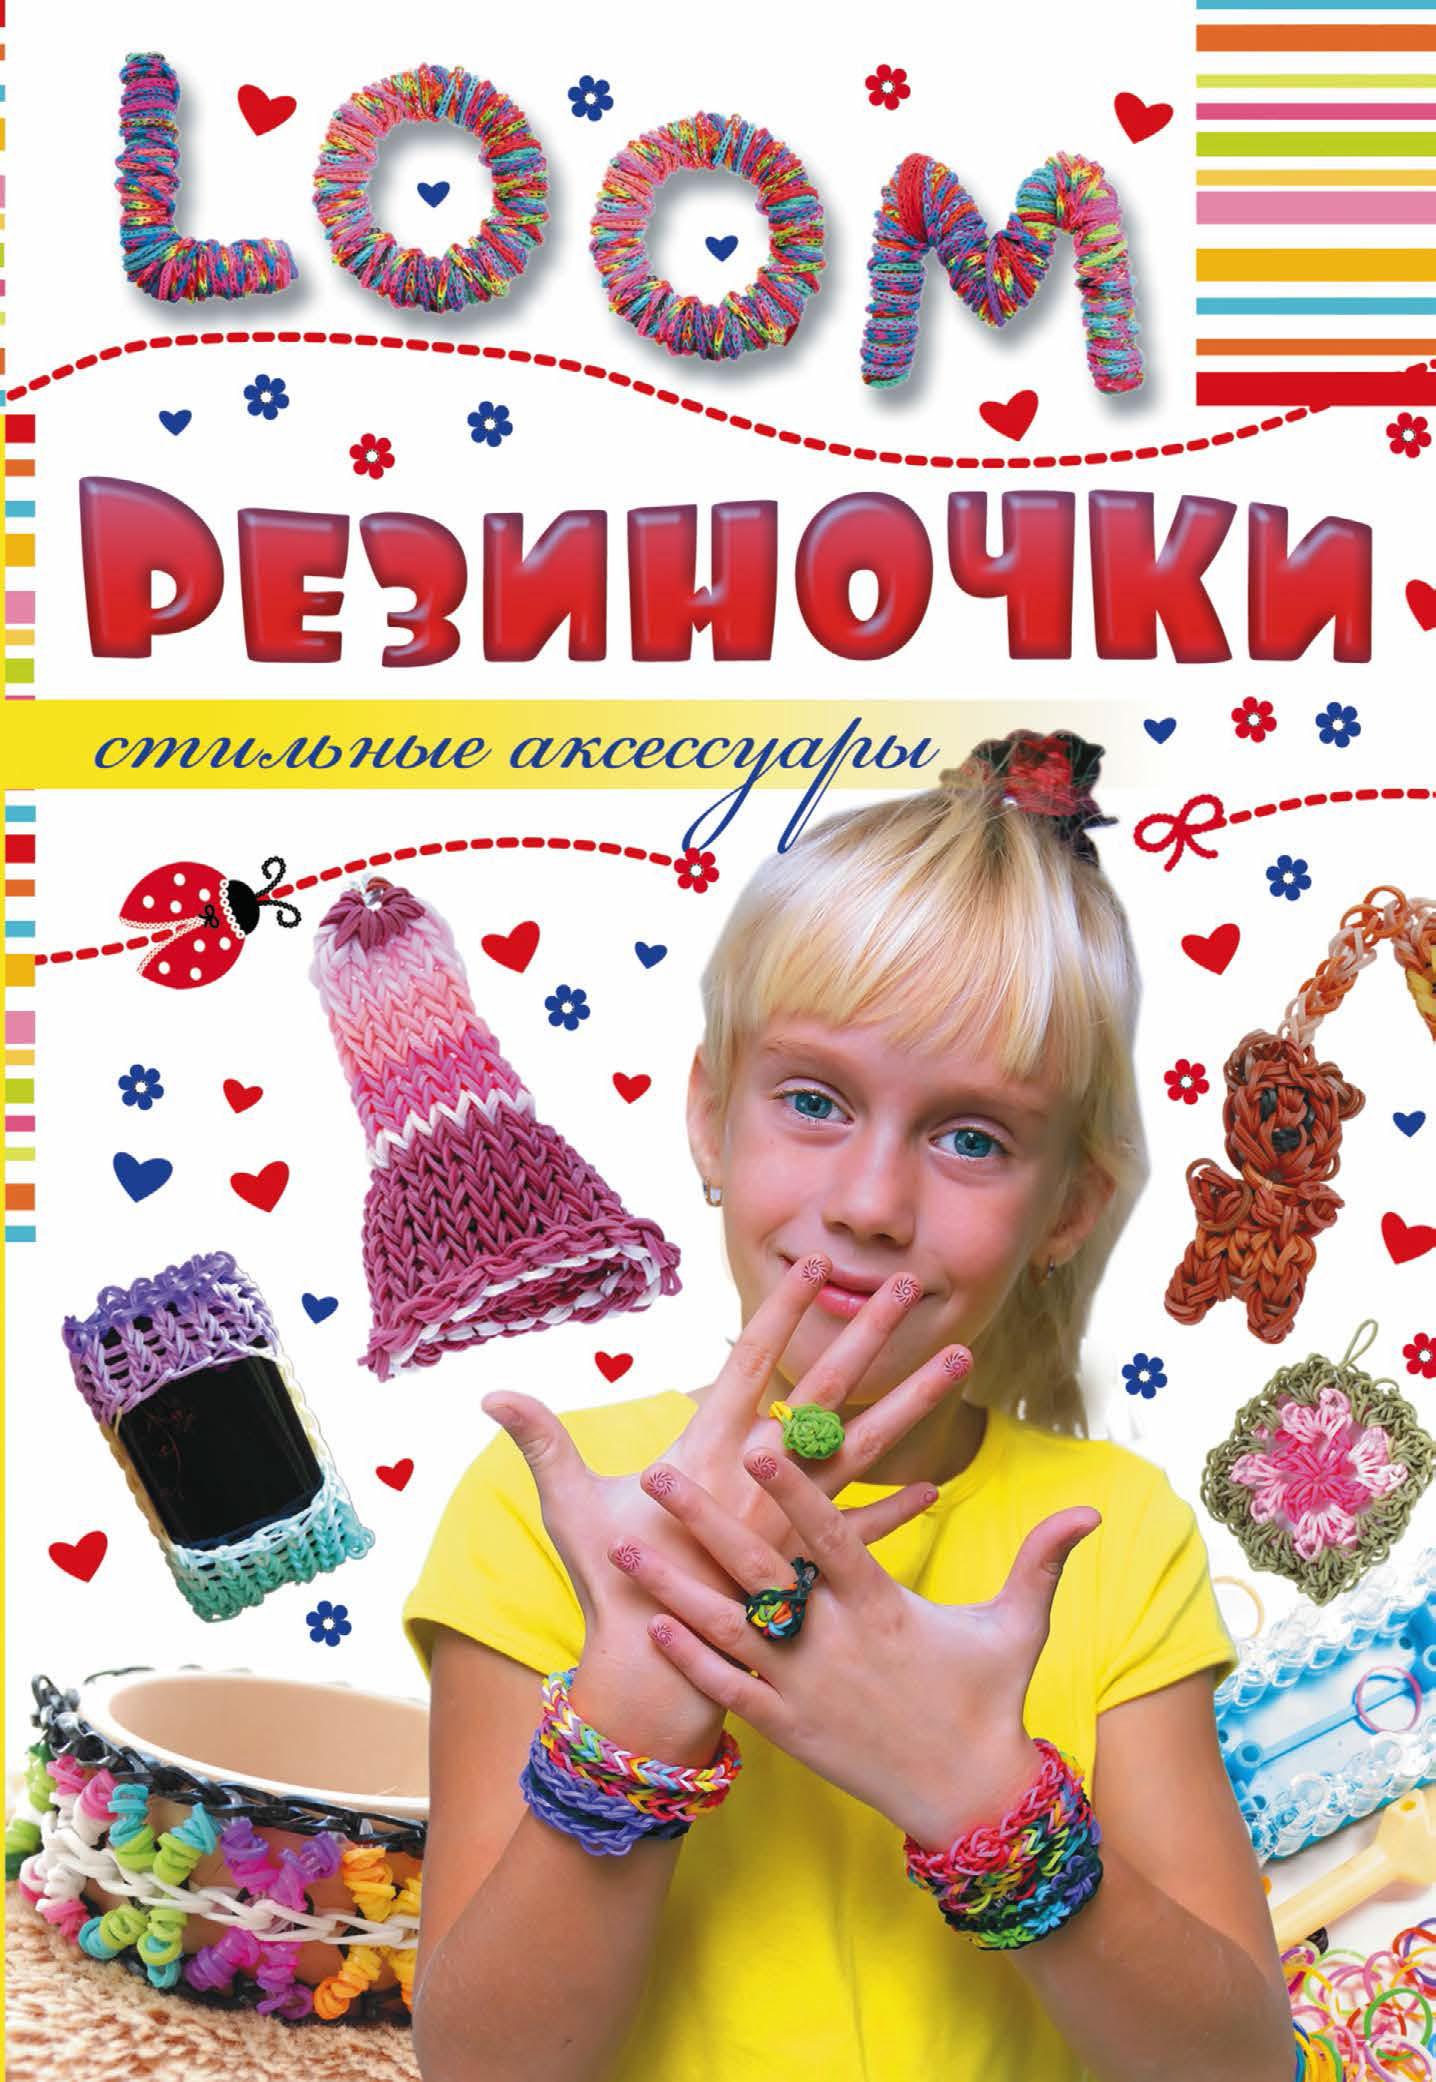 Антонина Елисеева Резиночки. Стильные аксессуары аксессуары для детей